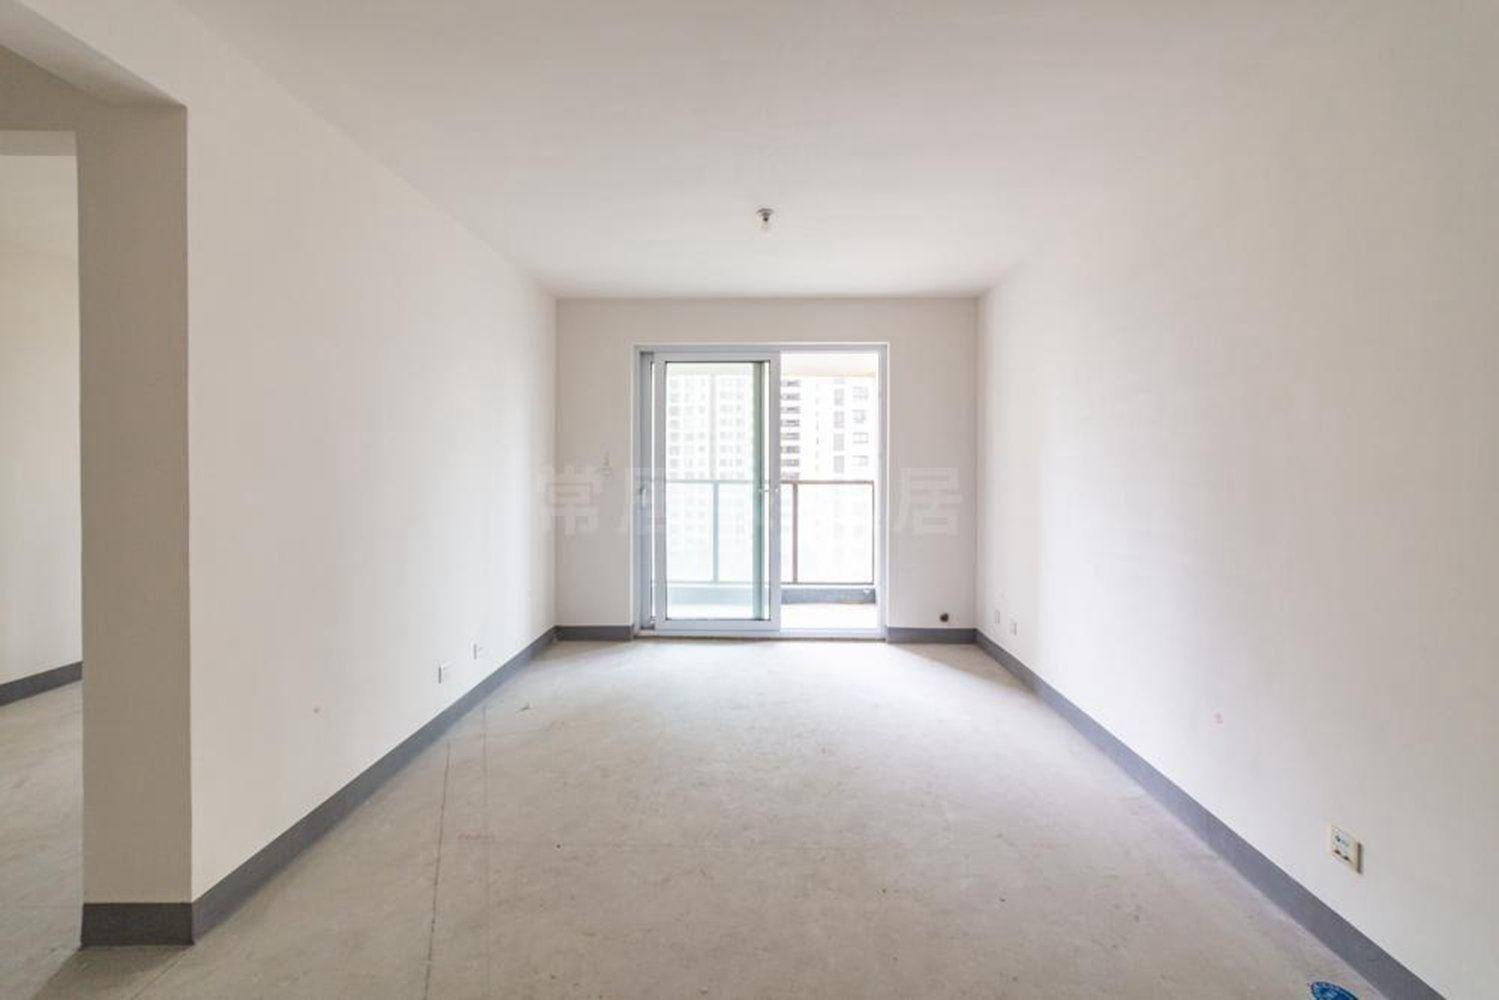 宝龙广场 梧桐香郡东樾 准现房 均价一万五 出门地铁免个税